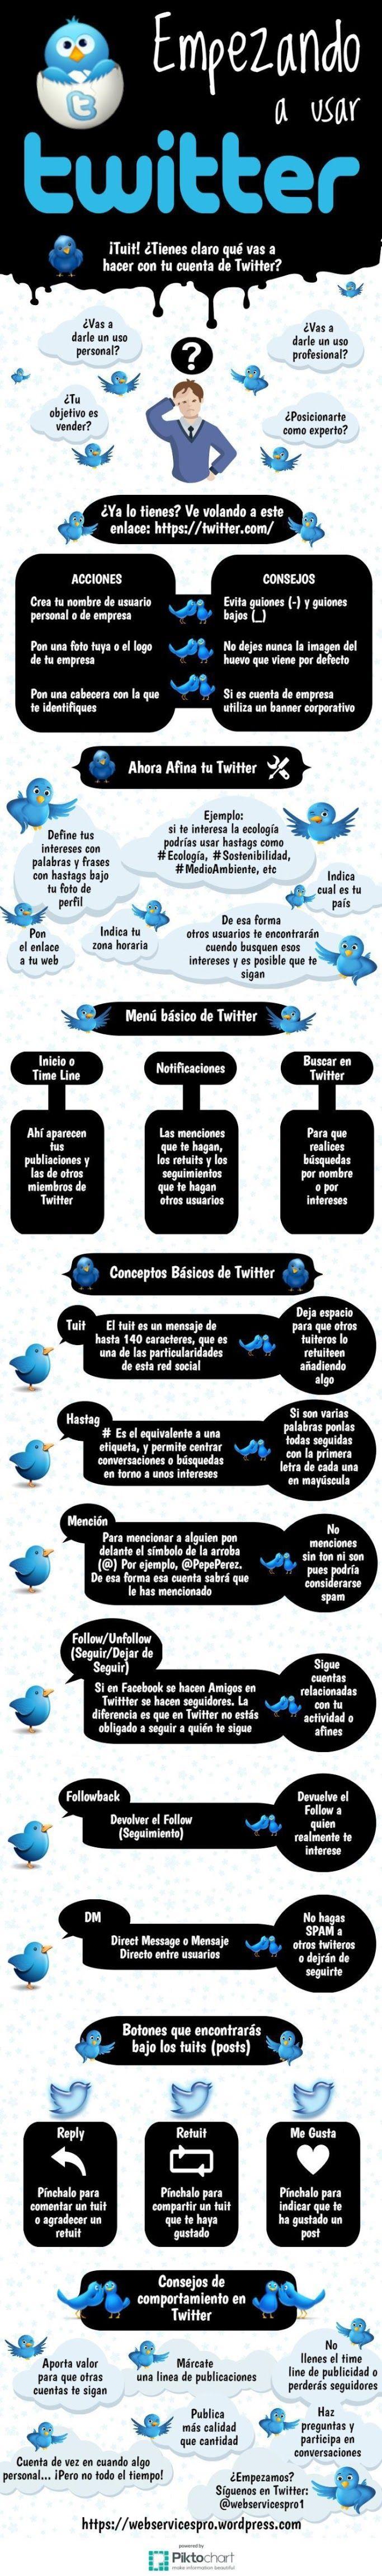 Mi pequeños aportes: Empezando a usar Twitter  Aquí les dejo una infografía sobre como empezar a usar Twitter. #SocialMedia #RRSS #Infografia